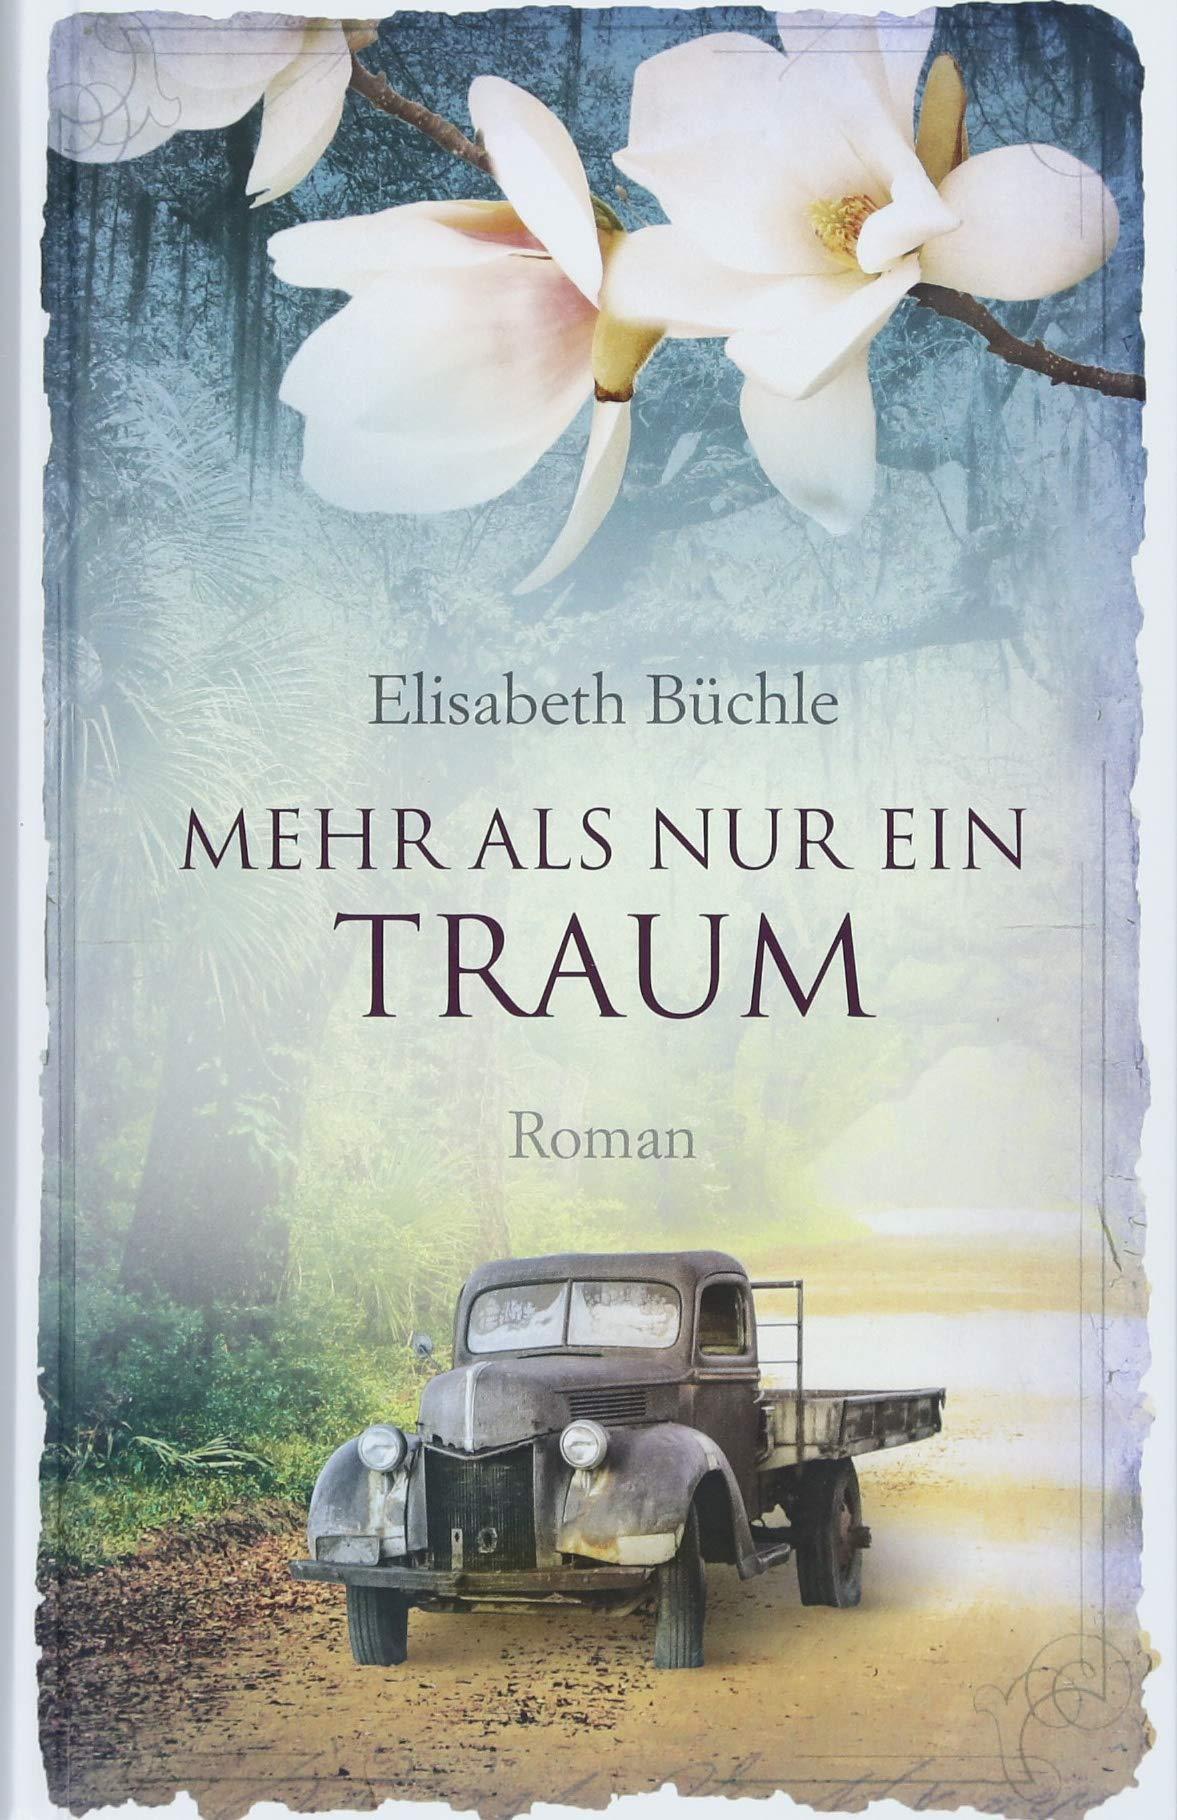 Mehr als nur ein Traum: Roman.: Amazon.de: Elisabeth Büchle: Bücher